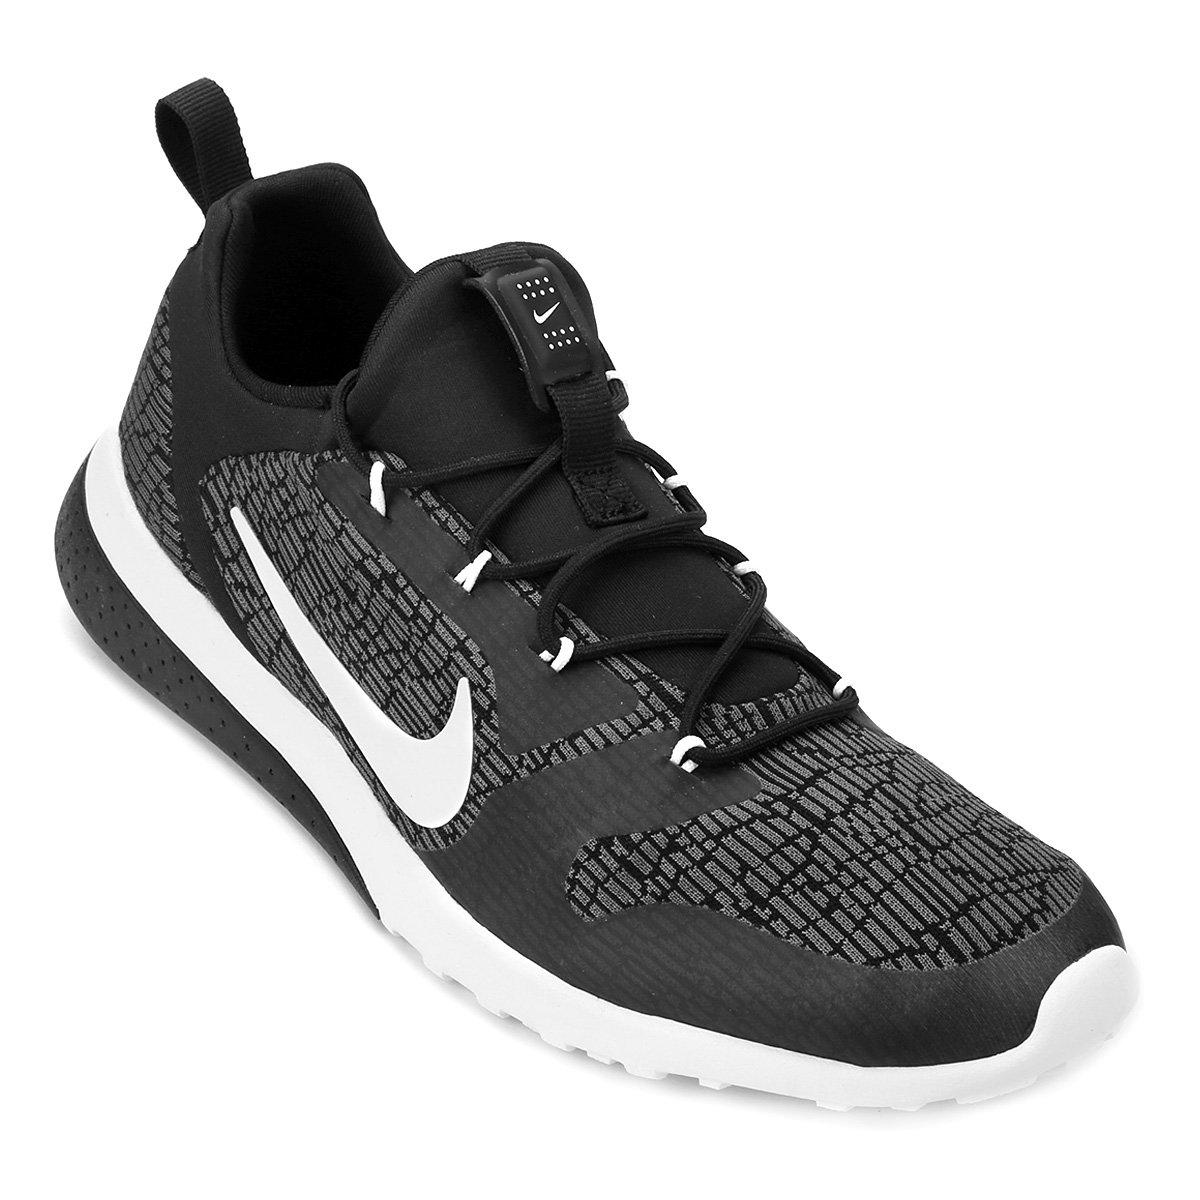 Tênis Nike Ck Racer - Preto - Compre Agora   Loja do Inter f6b8da1a48